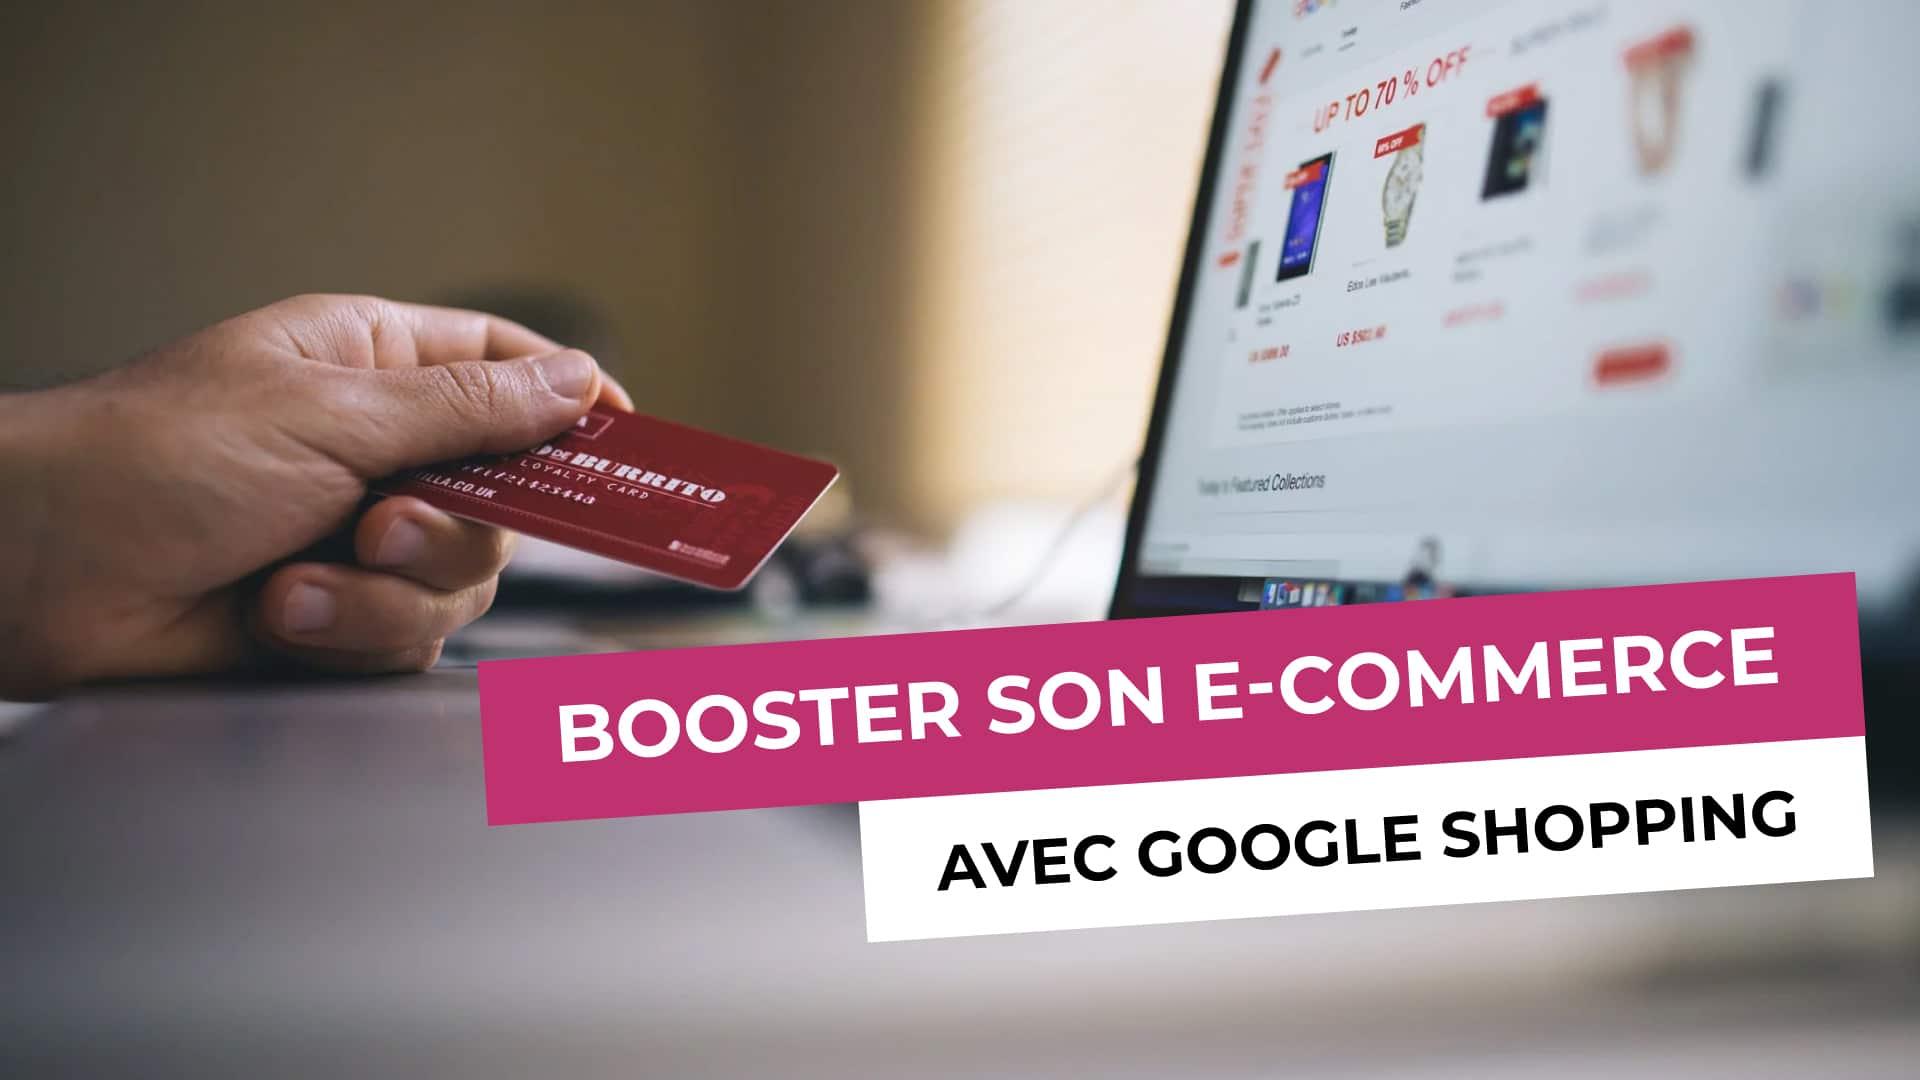 Booster son e-commerce avec Google Shopping